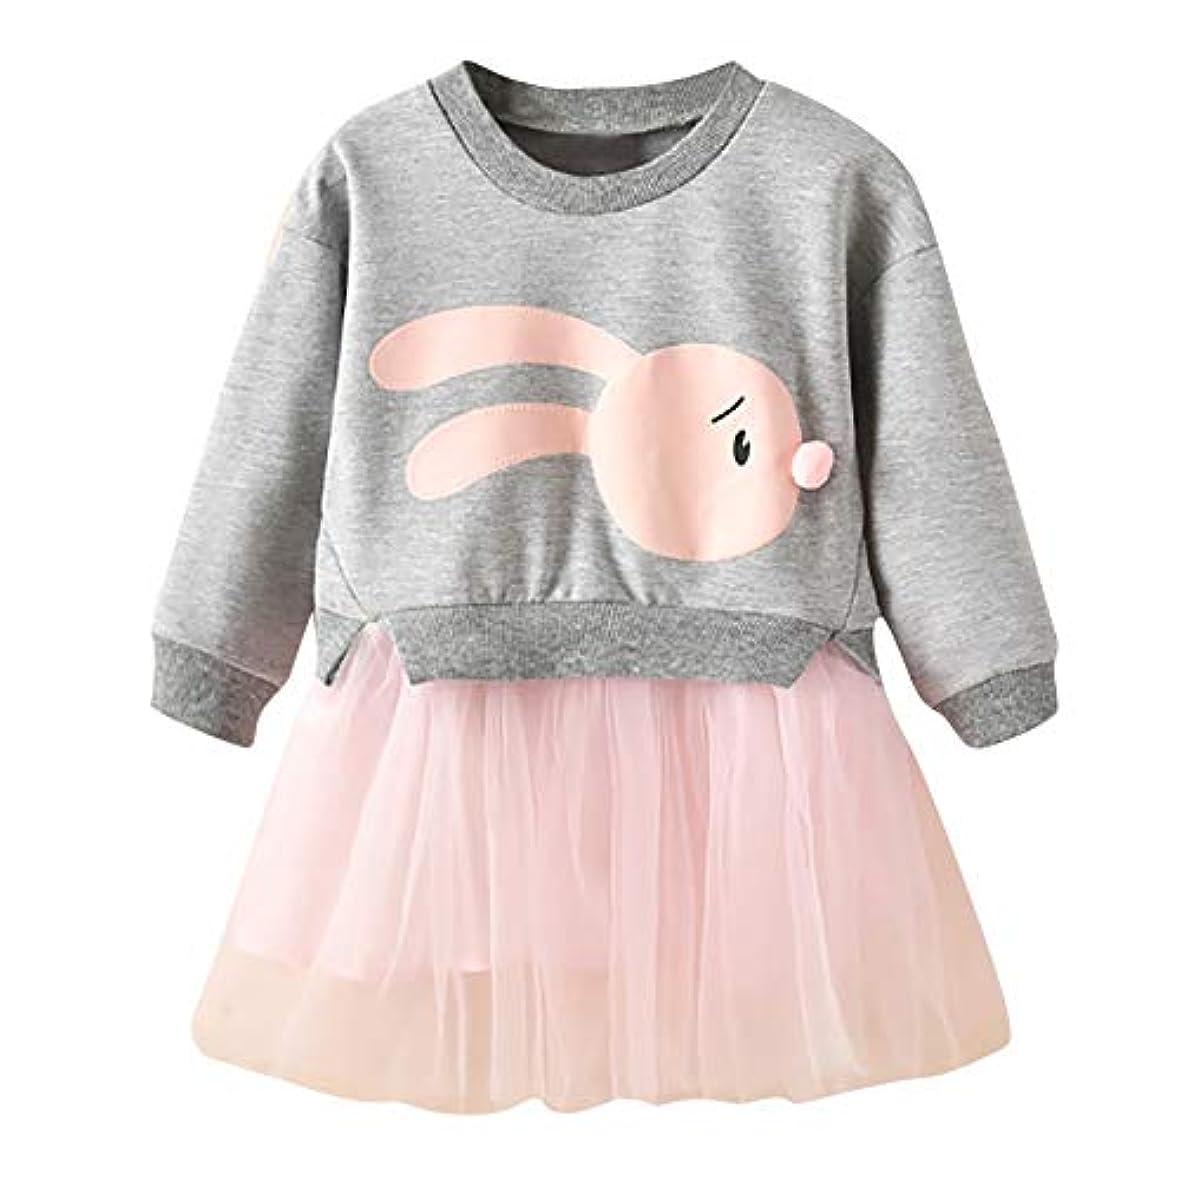 検索エンジンマーケティングアーティスト感覚Onderroa - 冬の子供服の女の赤ちゃんの漫画のバニープリンセスパッチワークトレーナーチュールドレス服roupaのinfantil